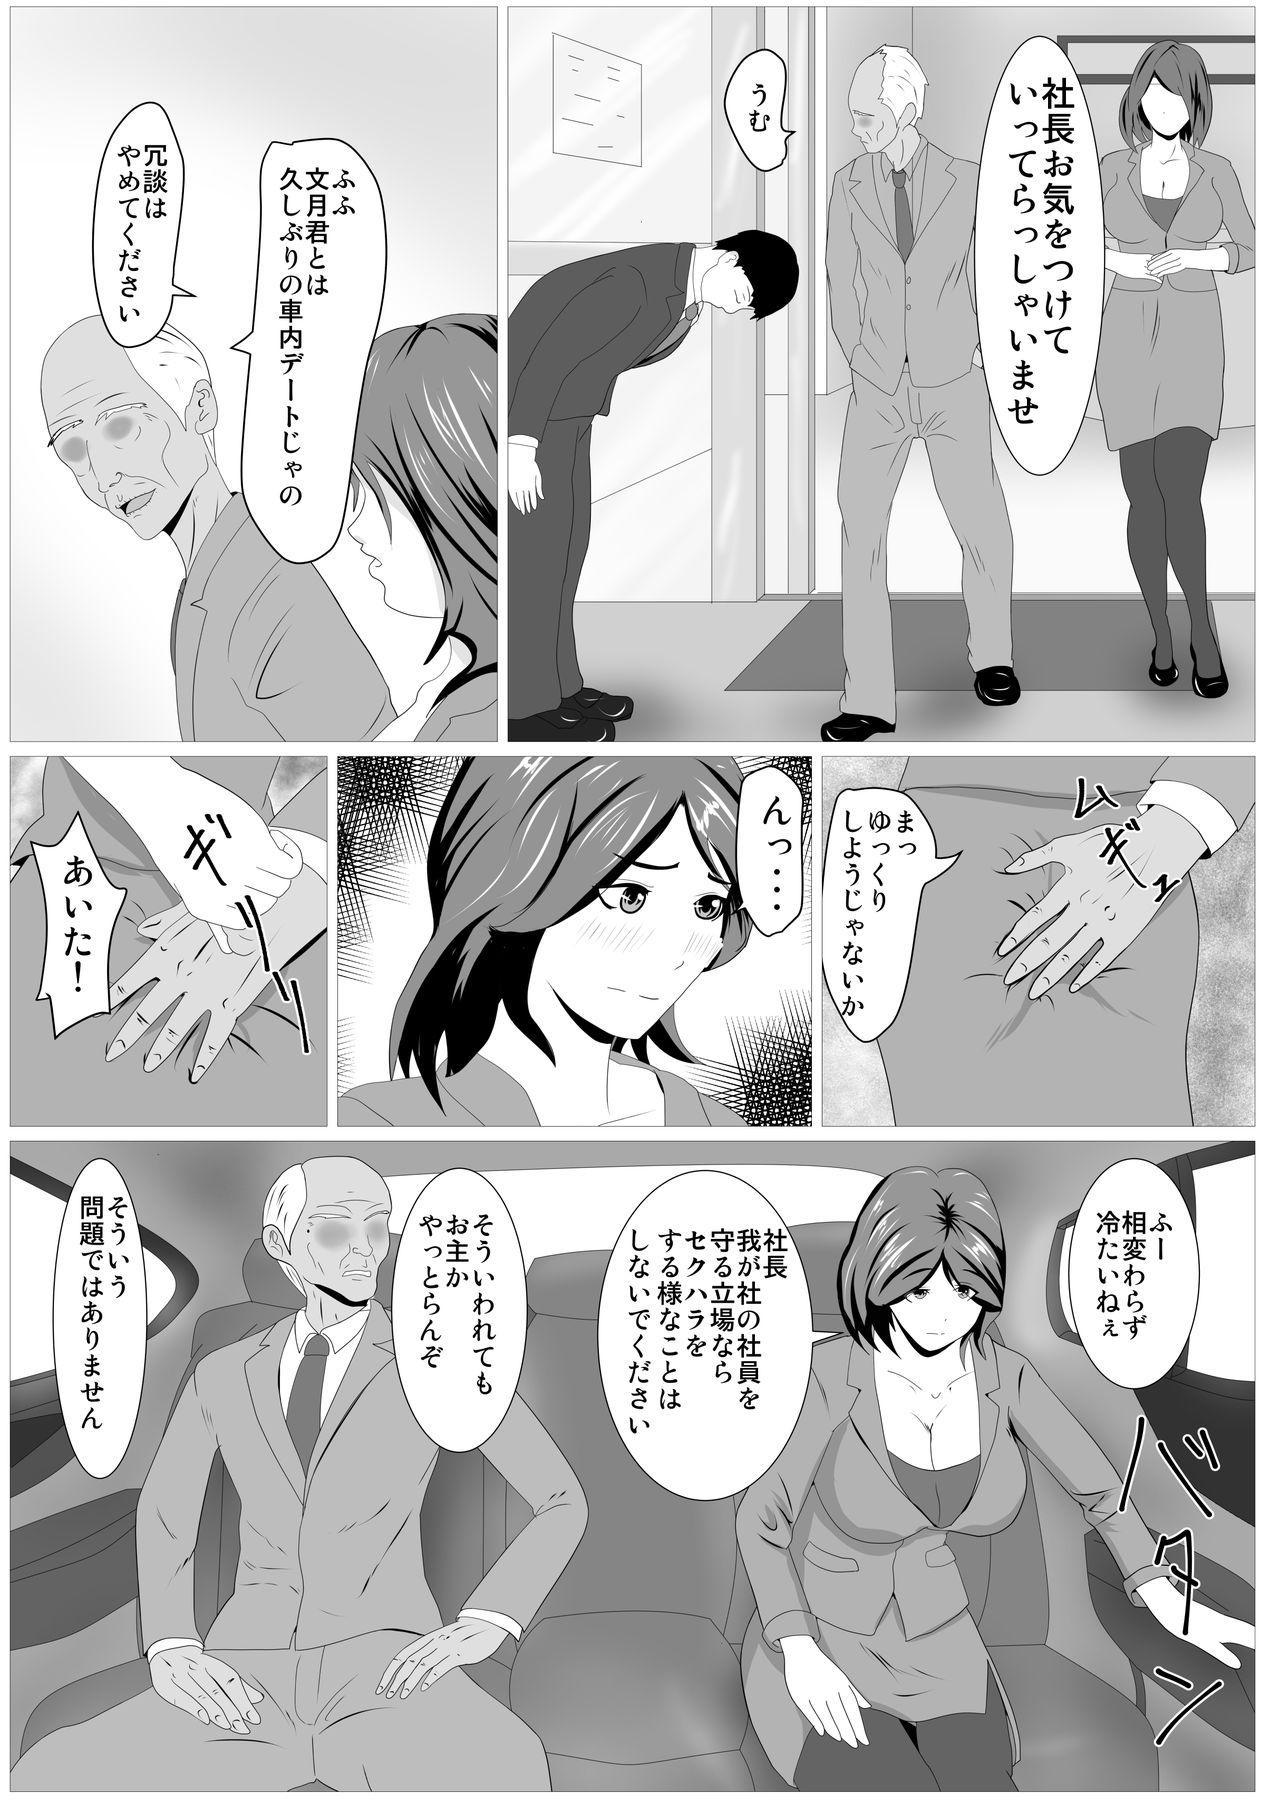 Musuko no Tamenaraba 7